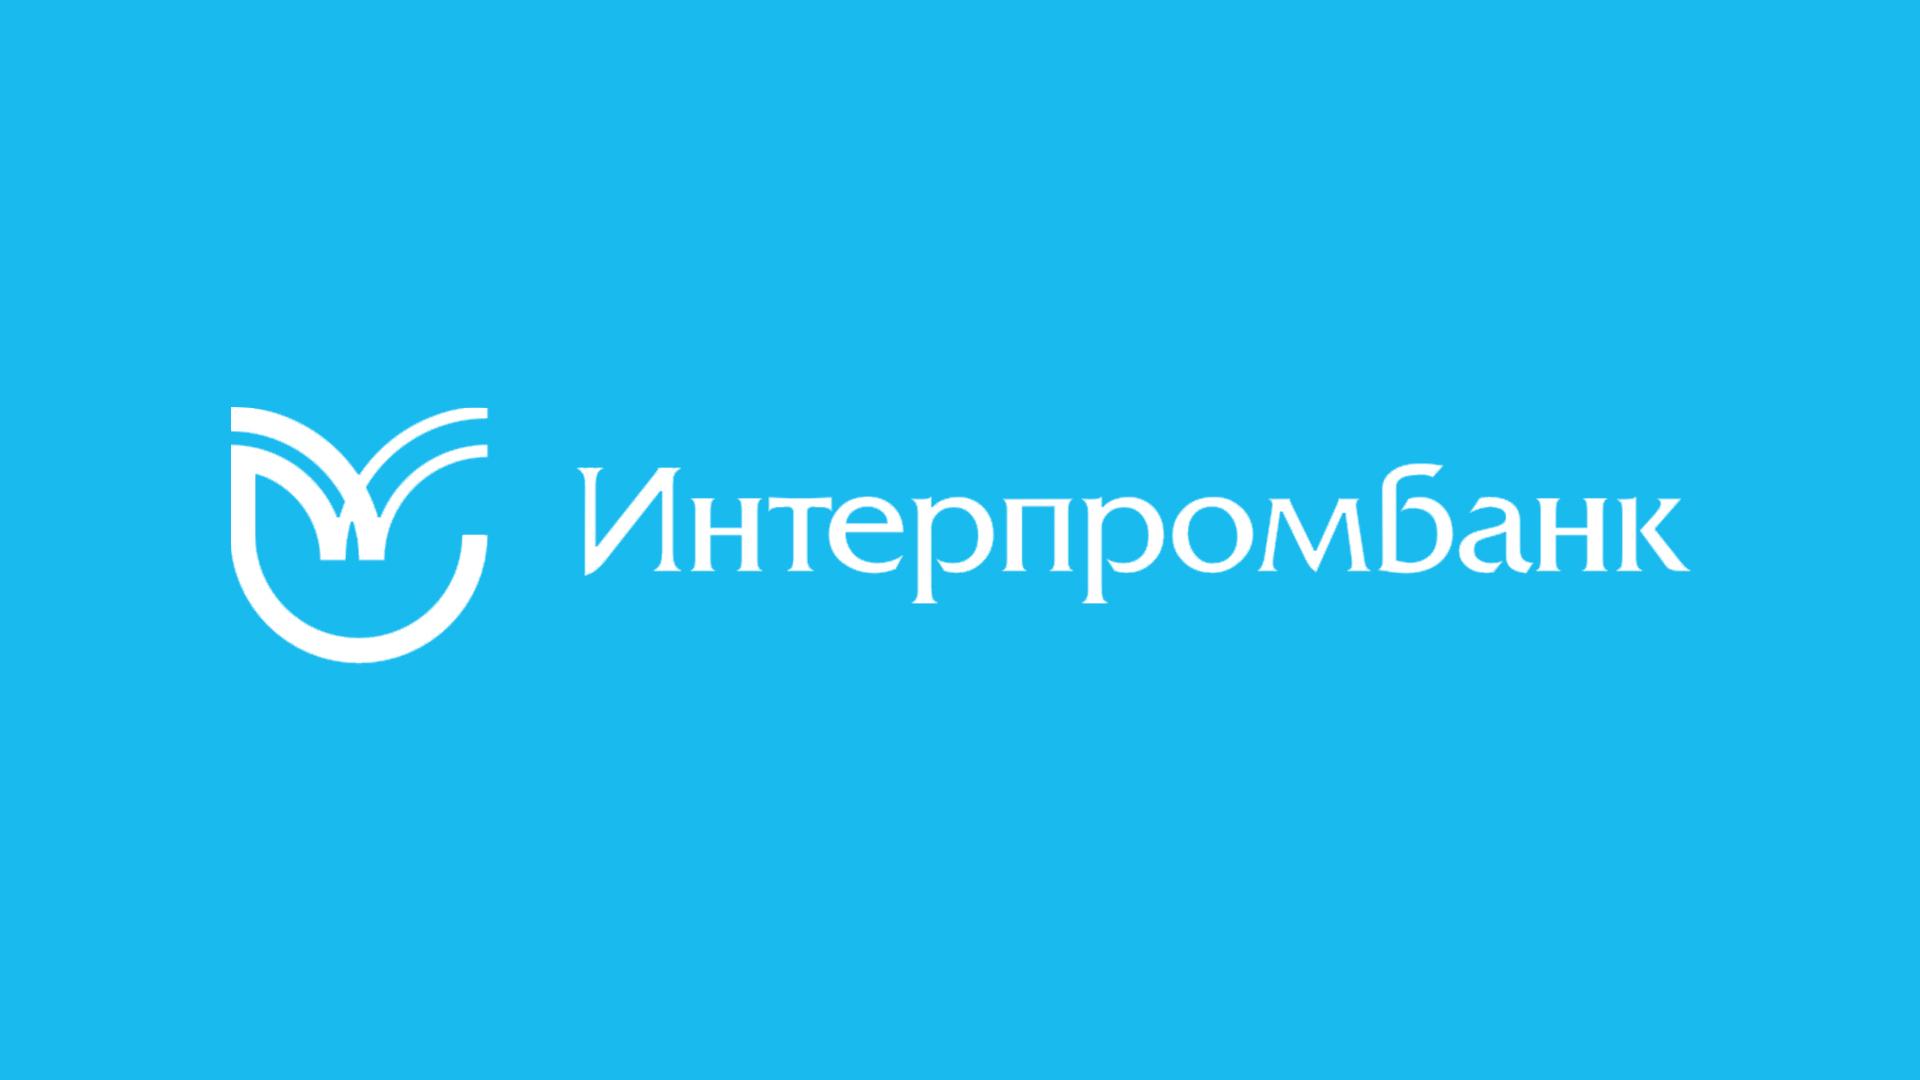 interprombank-otzyvy-klientov-po-kreditam_